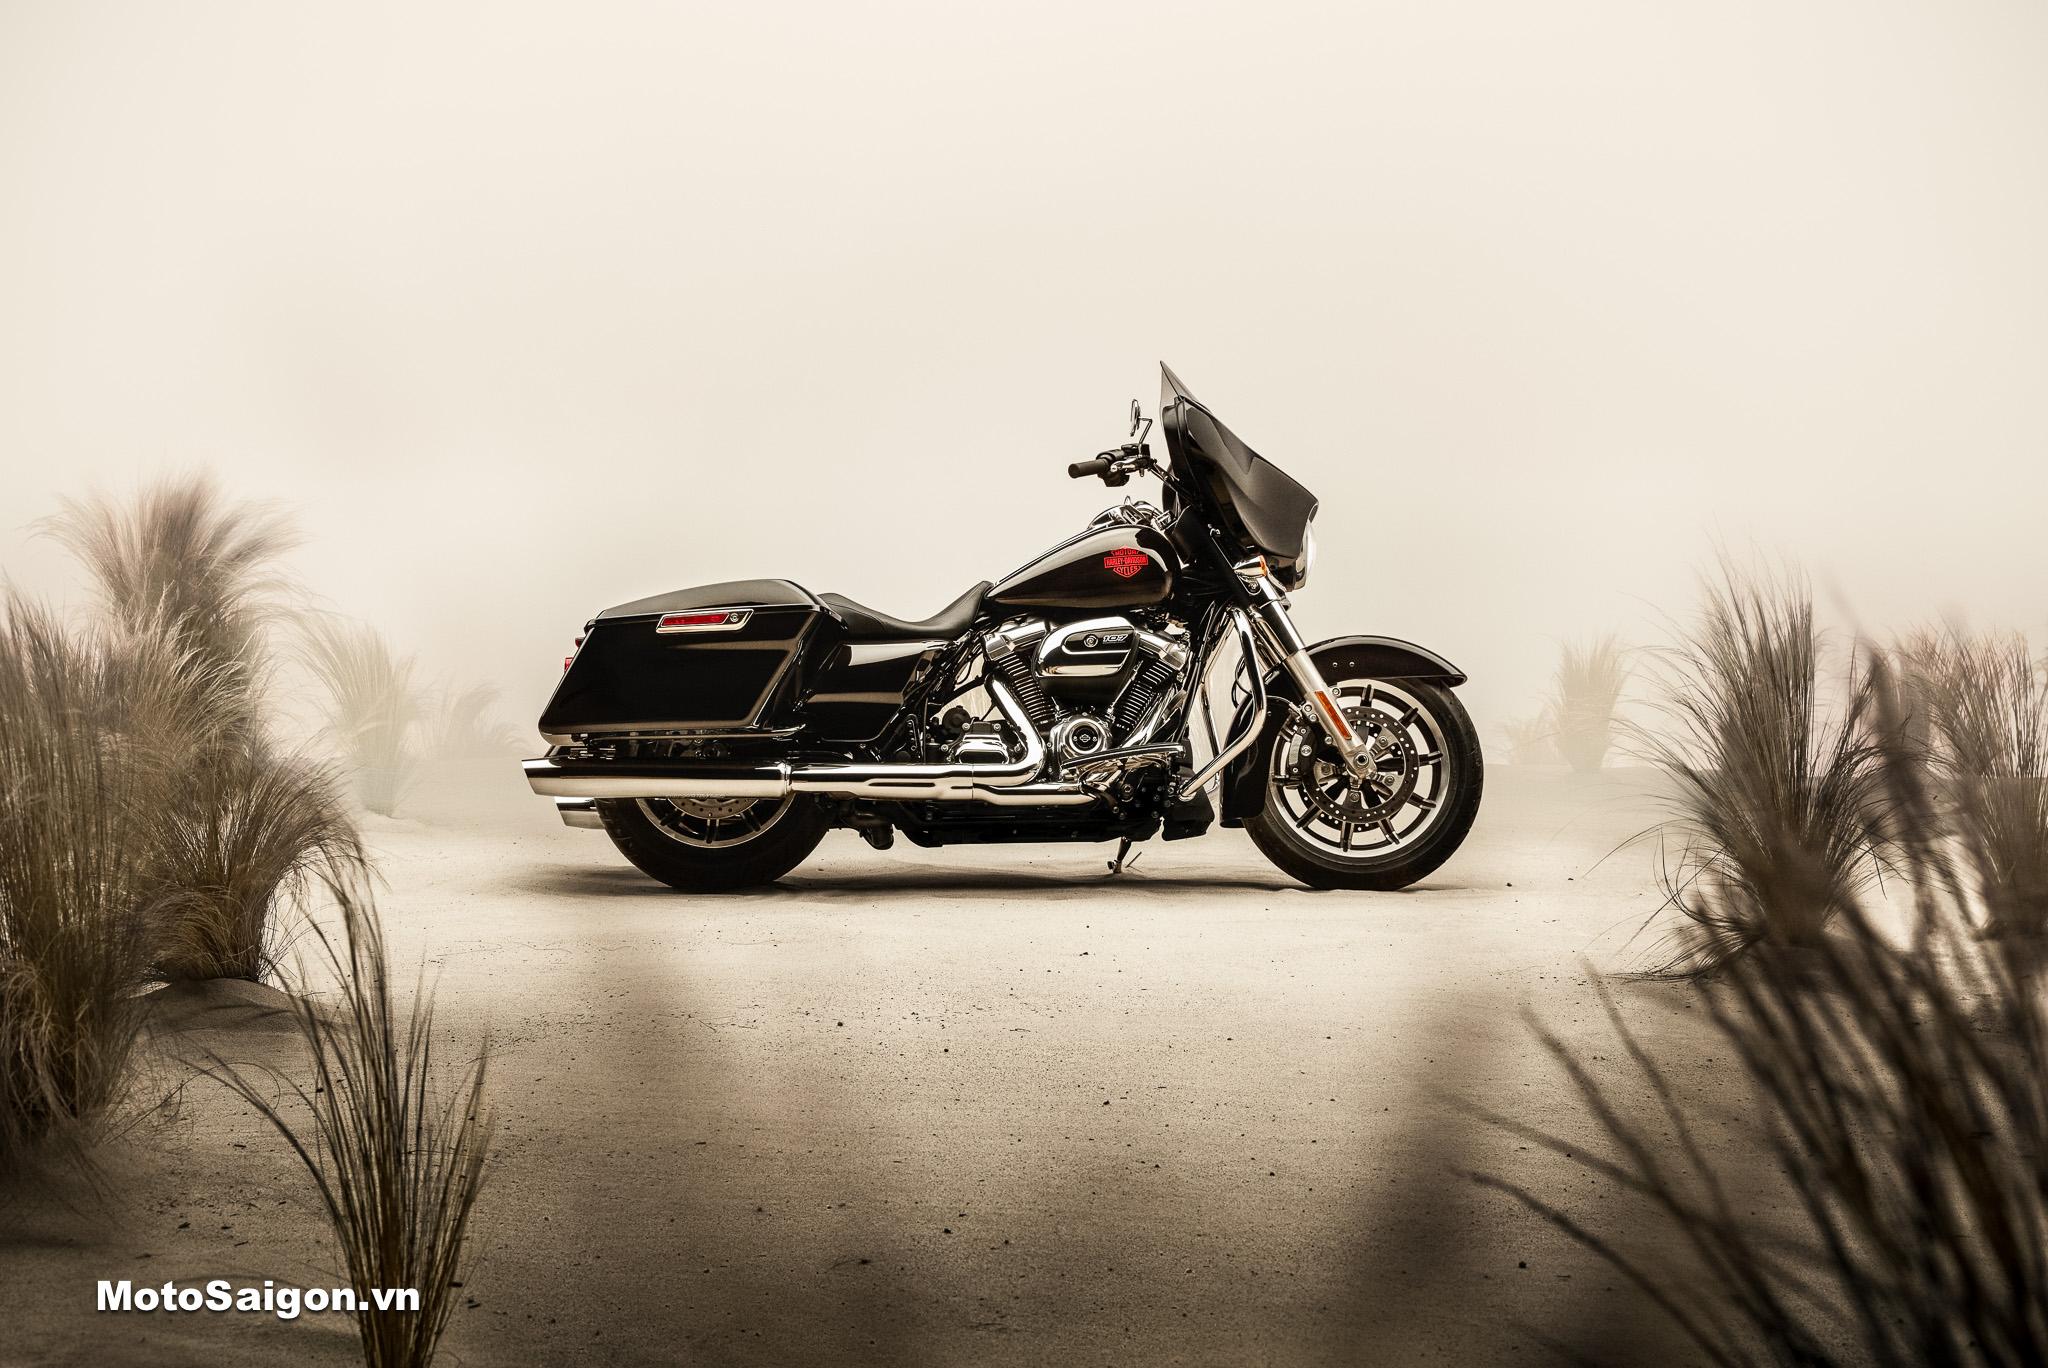 Harley-Davidson Electra Glide Standard 2020